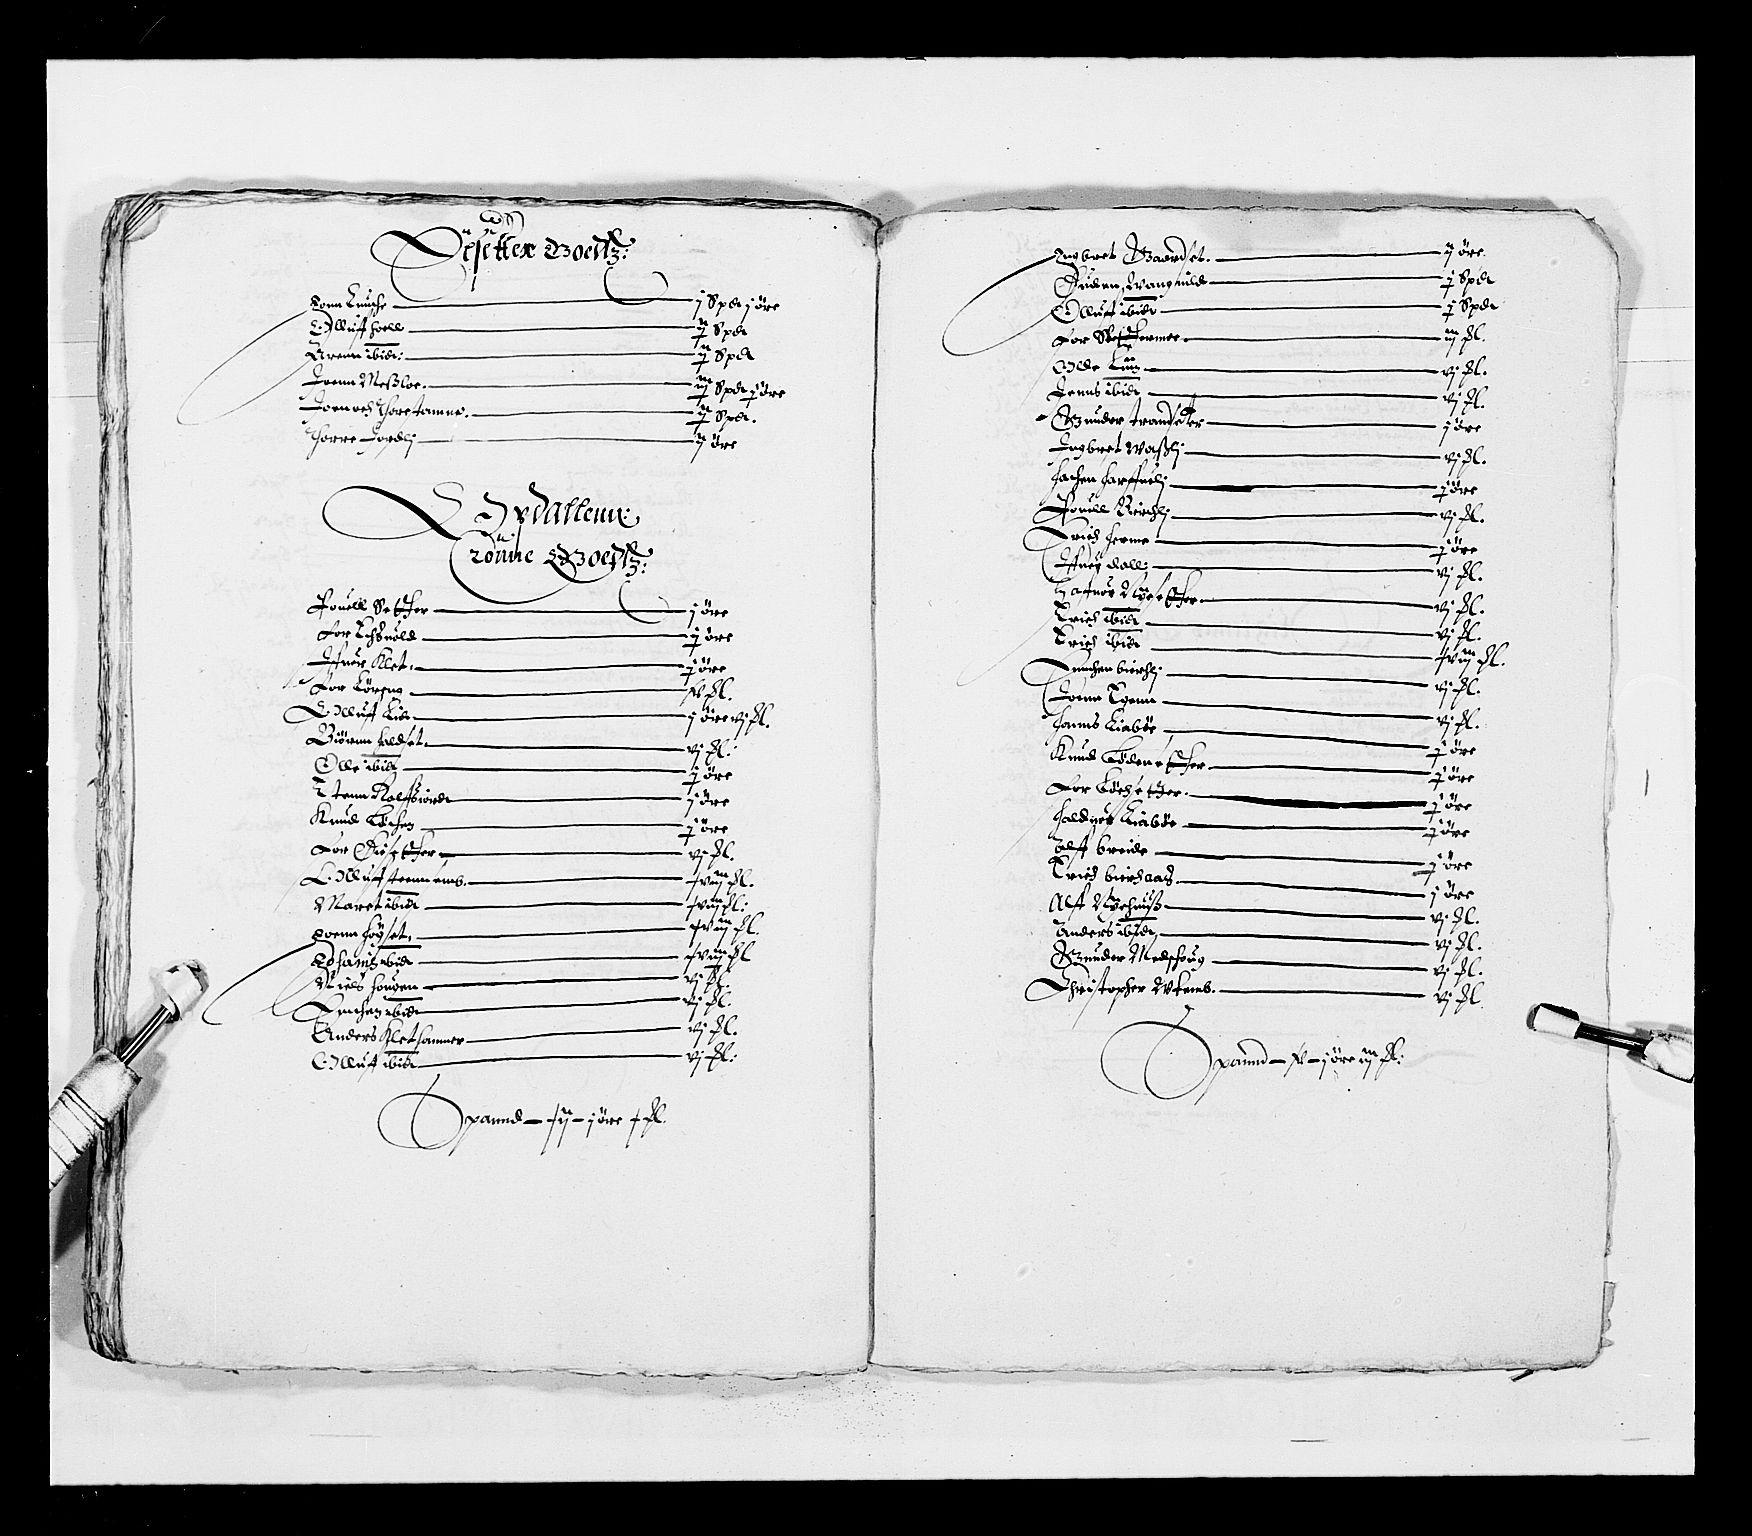 RA, Stattholderembetet 1572-1771, Ek/L0028: Jordebøker 1633-1658:, 1645-1646, s. 203